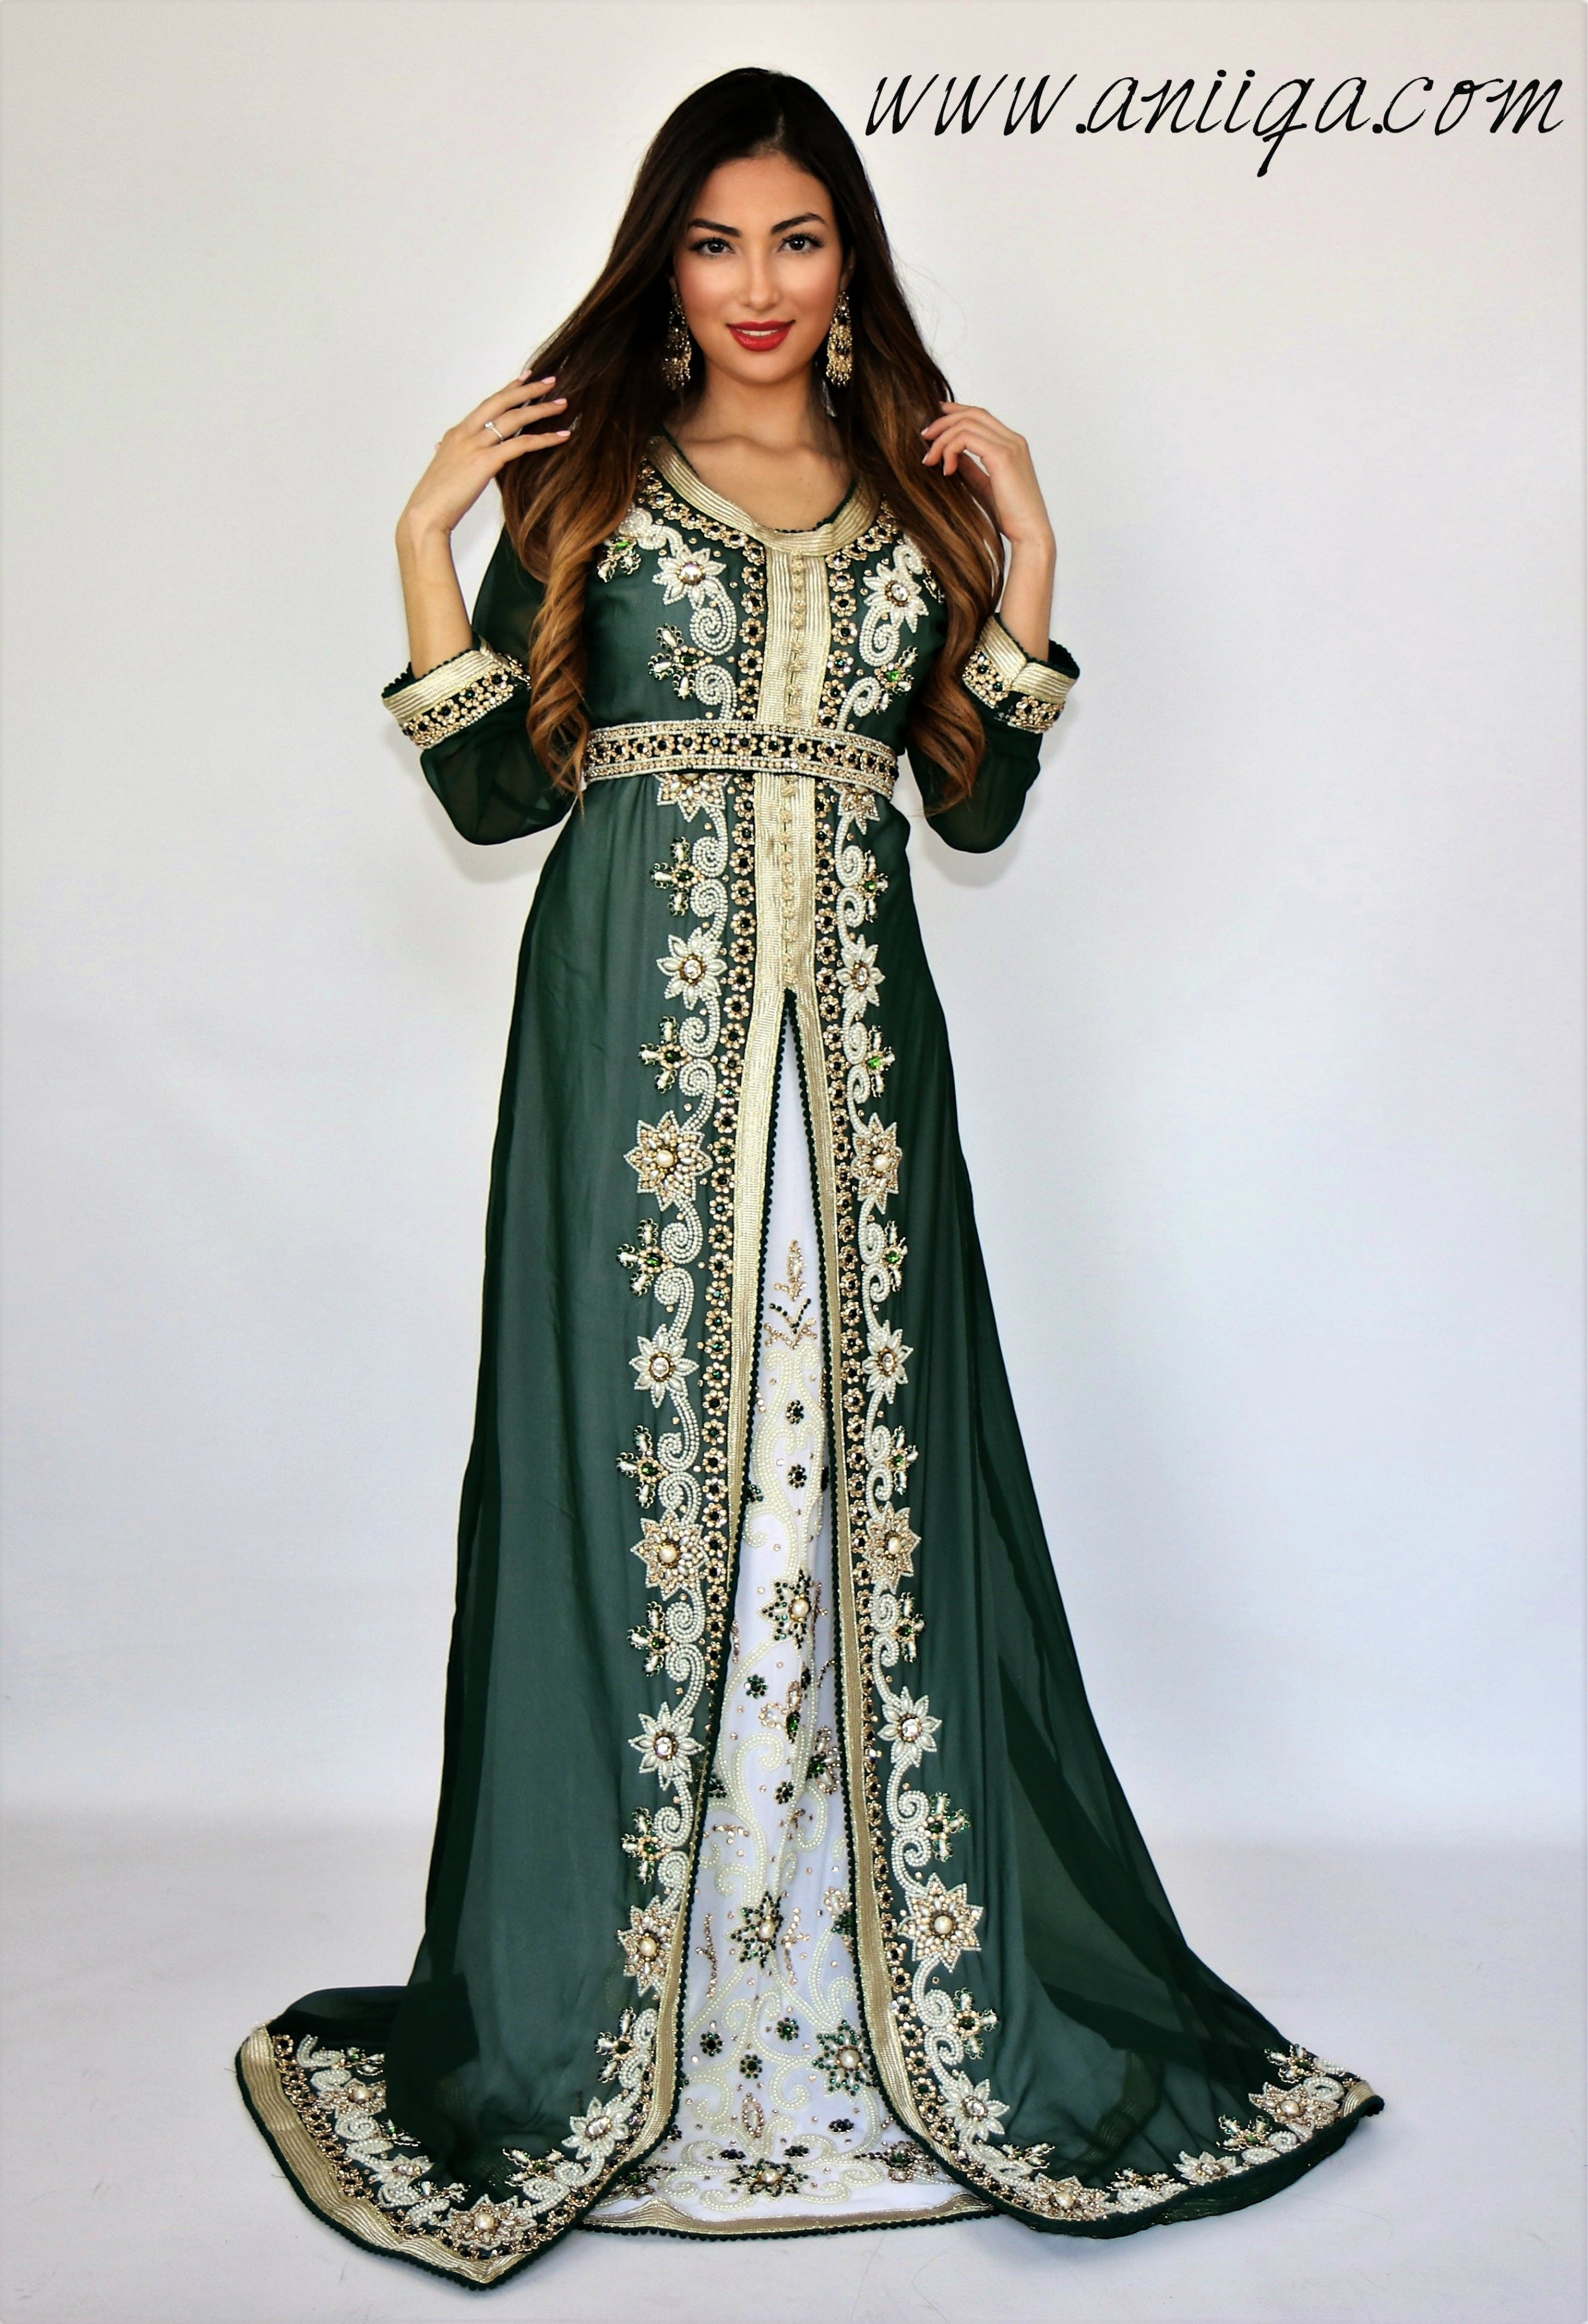 Épinglé par Chay sur Couture   Robe orientale